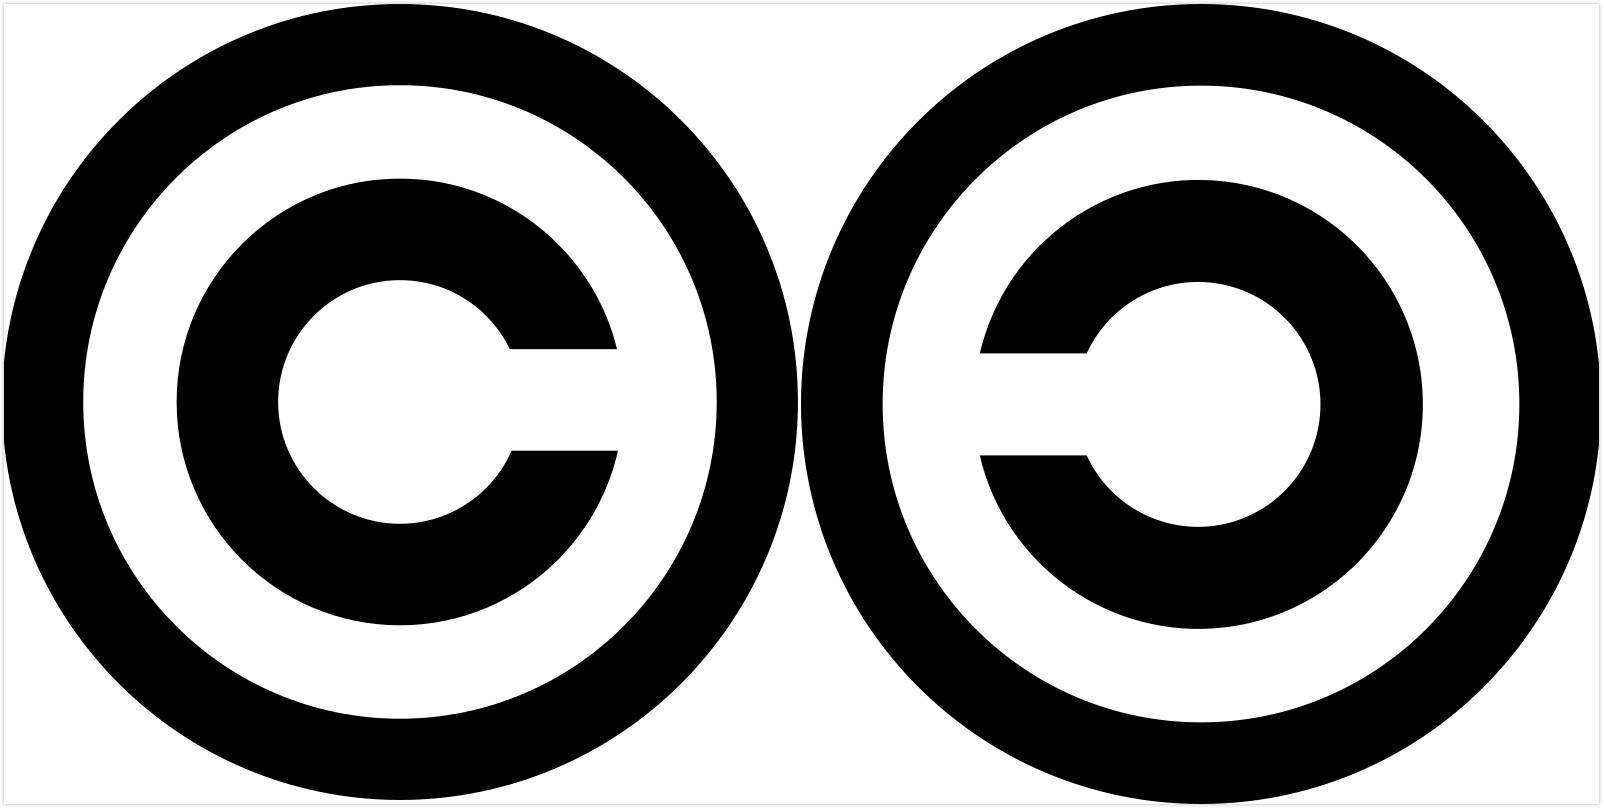 两个标志:copyright+copyleft